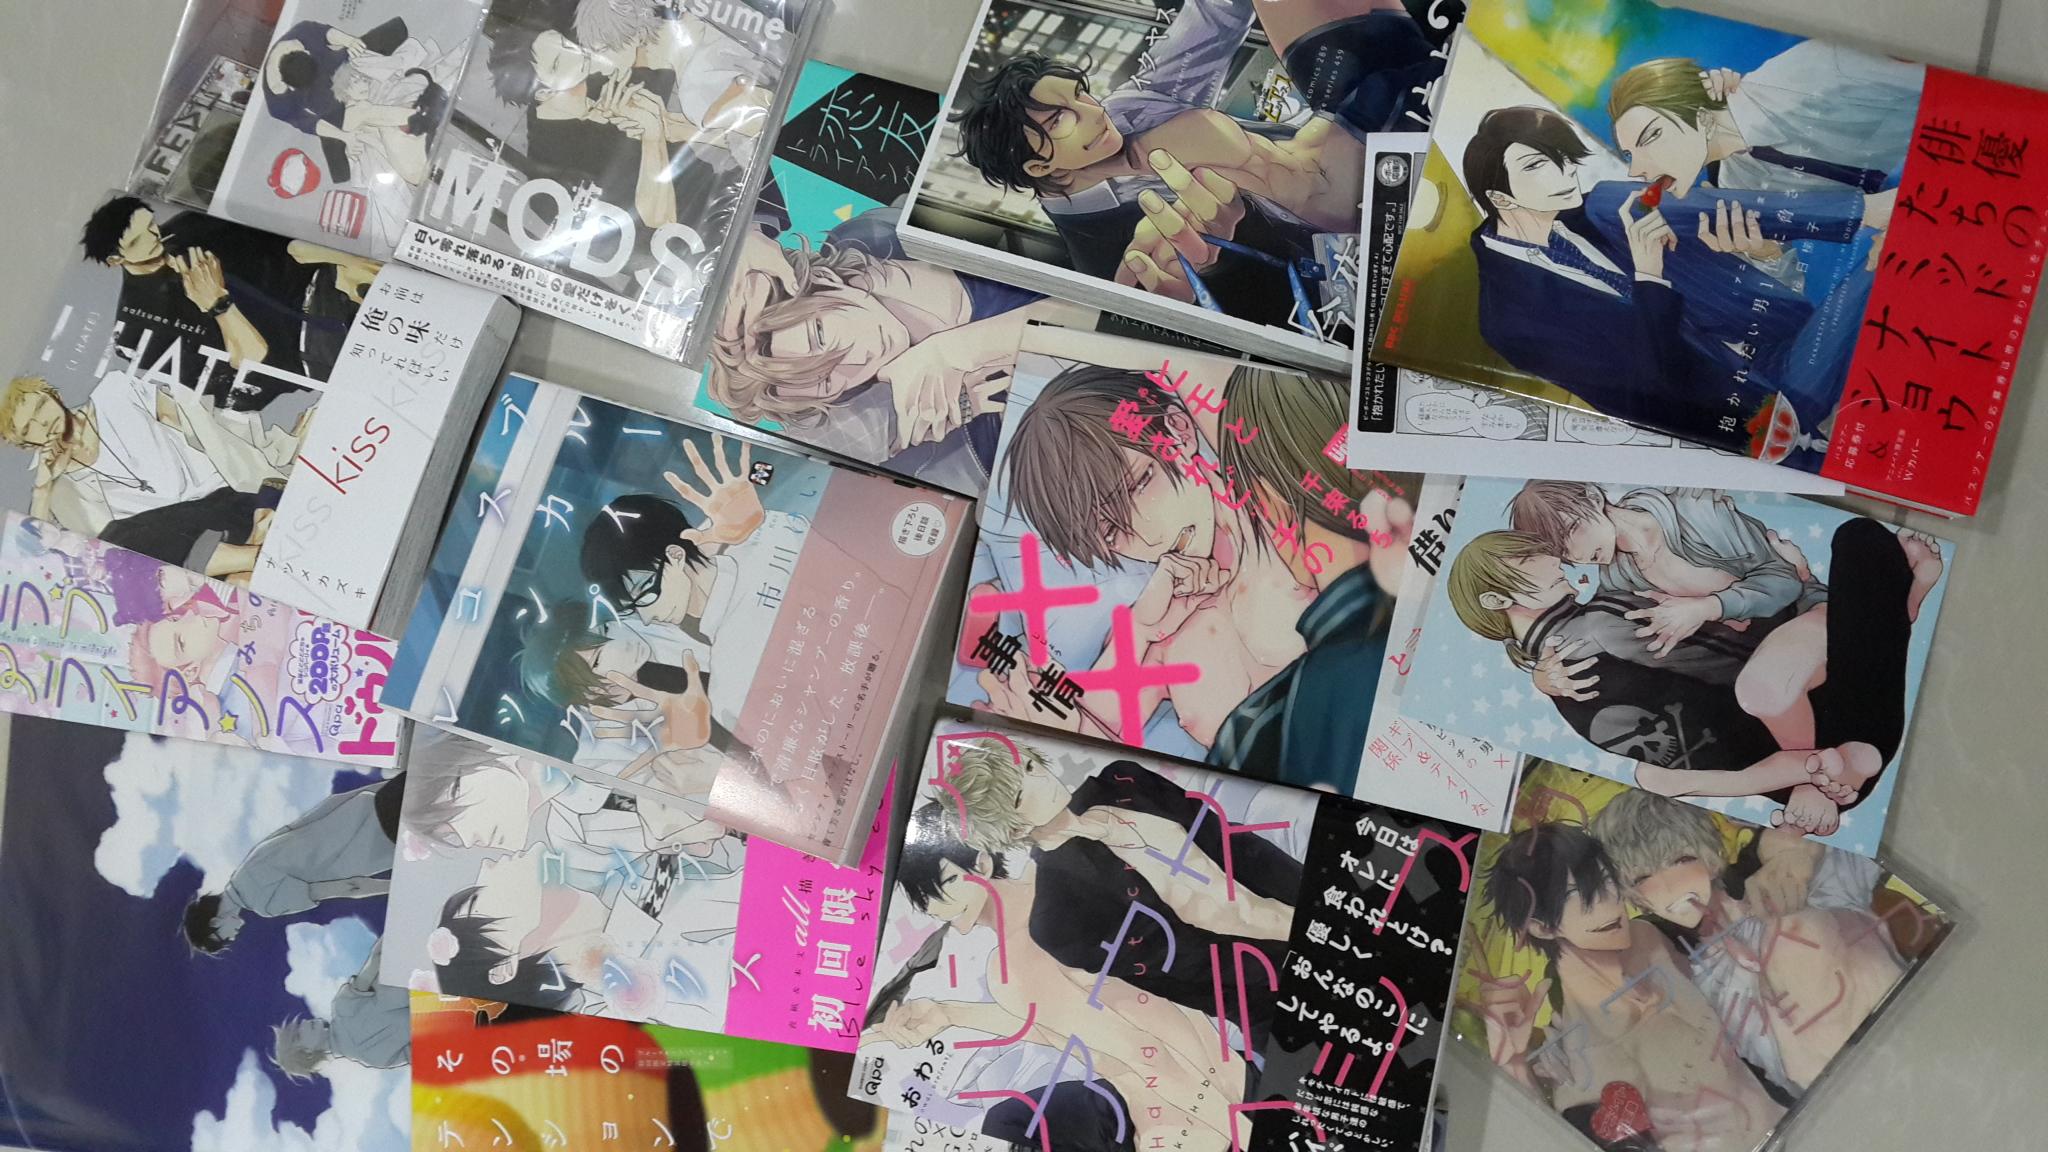 illustration_card shiro nakata_nobutora bromide terashima_natsuki narasaki_motochika pocket_clear_file clear_file animate himo_to_aisare_bitch_no_××_jijou chiduka_ruti bamboo_comics_reijin_selection dakaretai_otoko_1-i_ni_odosarete_imasu. sakurabi_hashigo bbc_deluxe libre_shuppan shouyu uotani_ao sanada_kazuhumi akino_kisara himura_taki yuumoto_seira aoi haruto toraware_no_palm mikoshiba_tommy kai taira_miya yanagiya_maro akizuki_ichiha b's-log_comics teiji_kota anthology kadokawa capcom michinoku_atami mods marble_records yashiro_taku saitou_souma nojima_hirofumi morikawa_toshiyuki gachiiki_chouhatsu_night june-net_comics pierce_series june-net ikuyasu furukawa_makoto le_beau_sound_collection marine_entertainment drama_cd taniyama_kishou hang_out_crisis owaru qpa_collection bamboo_comics takeshobo natsume_kazuki blue_sky_complex marble_comics ichikawa_kei tokyo_mangasha comics sagami_kaito sakurai_ayumu